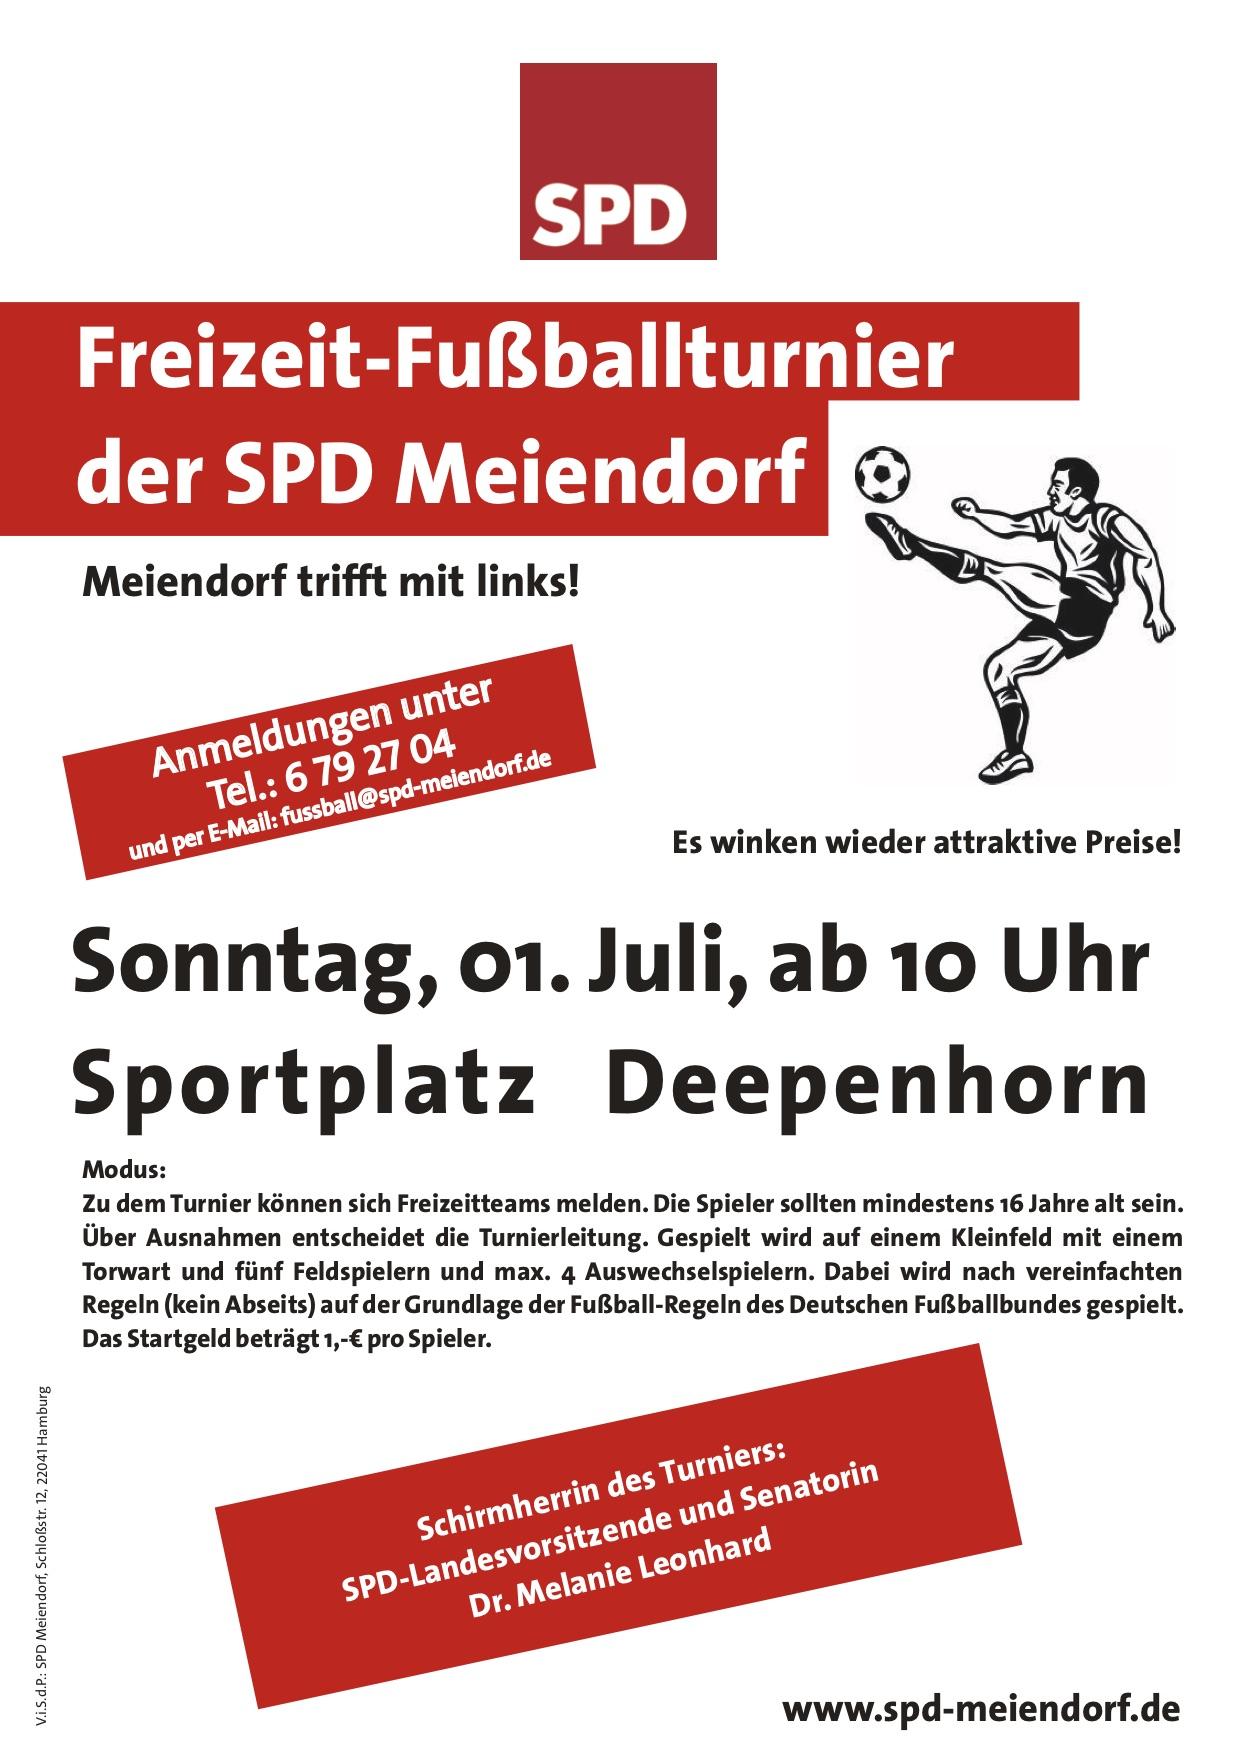 SPD Meiendorf lädt ein zum Freizeit-Fußballturnier am 1